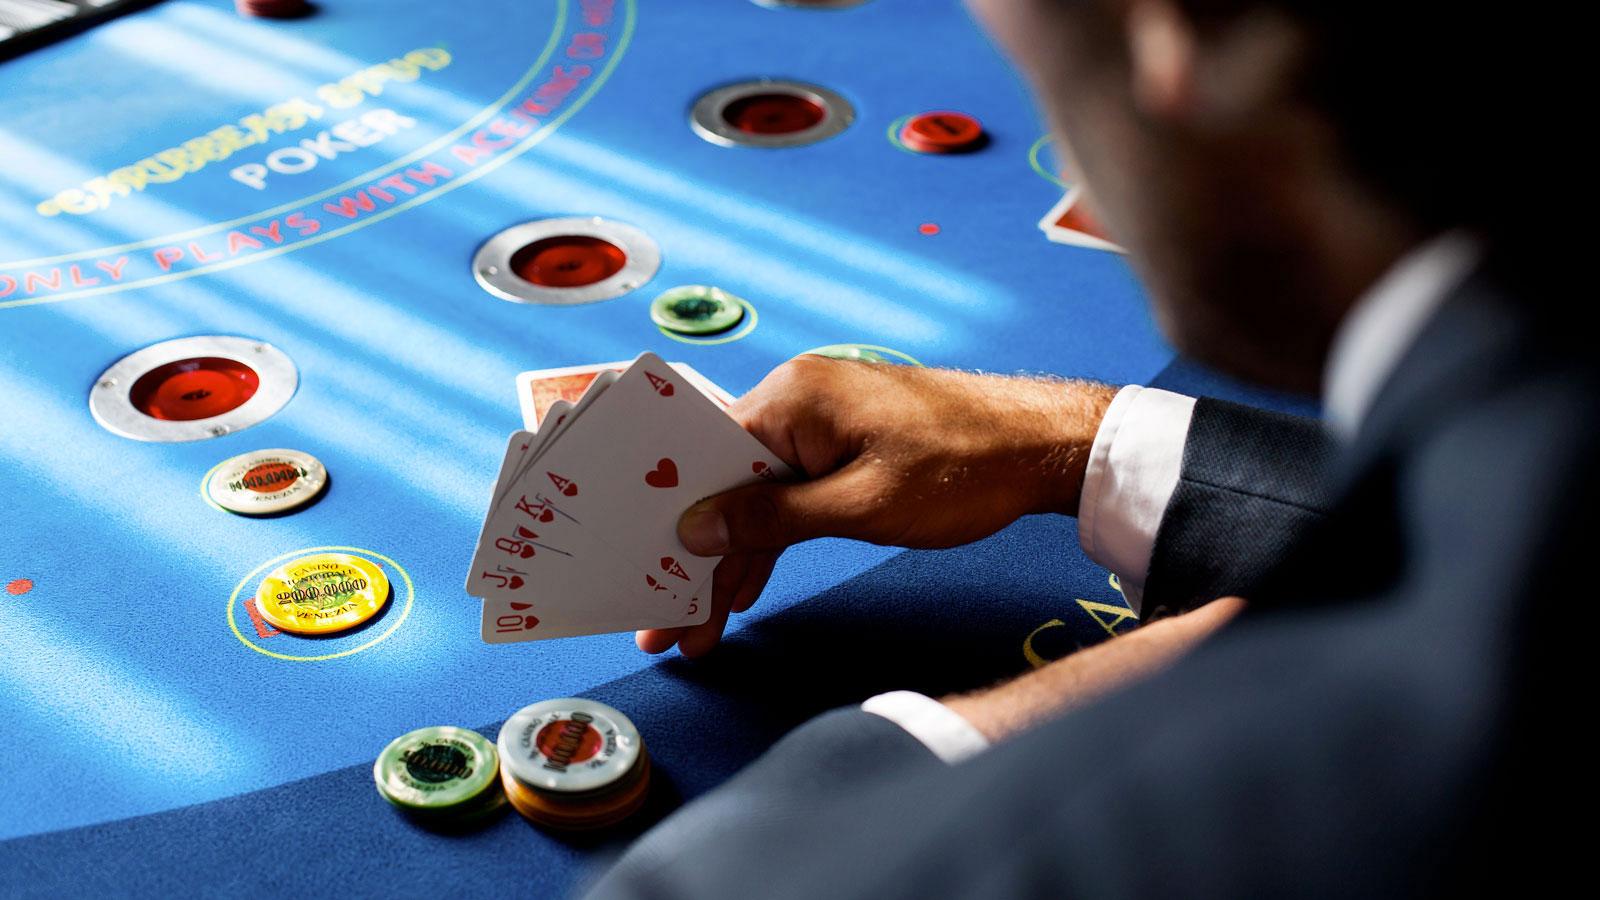 Online Poker versus Offline Poker